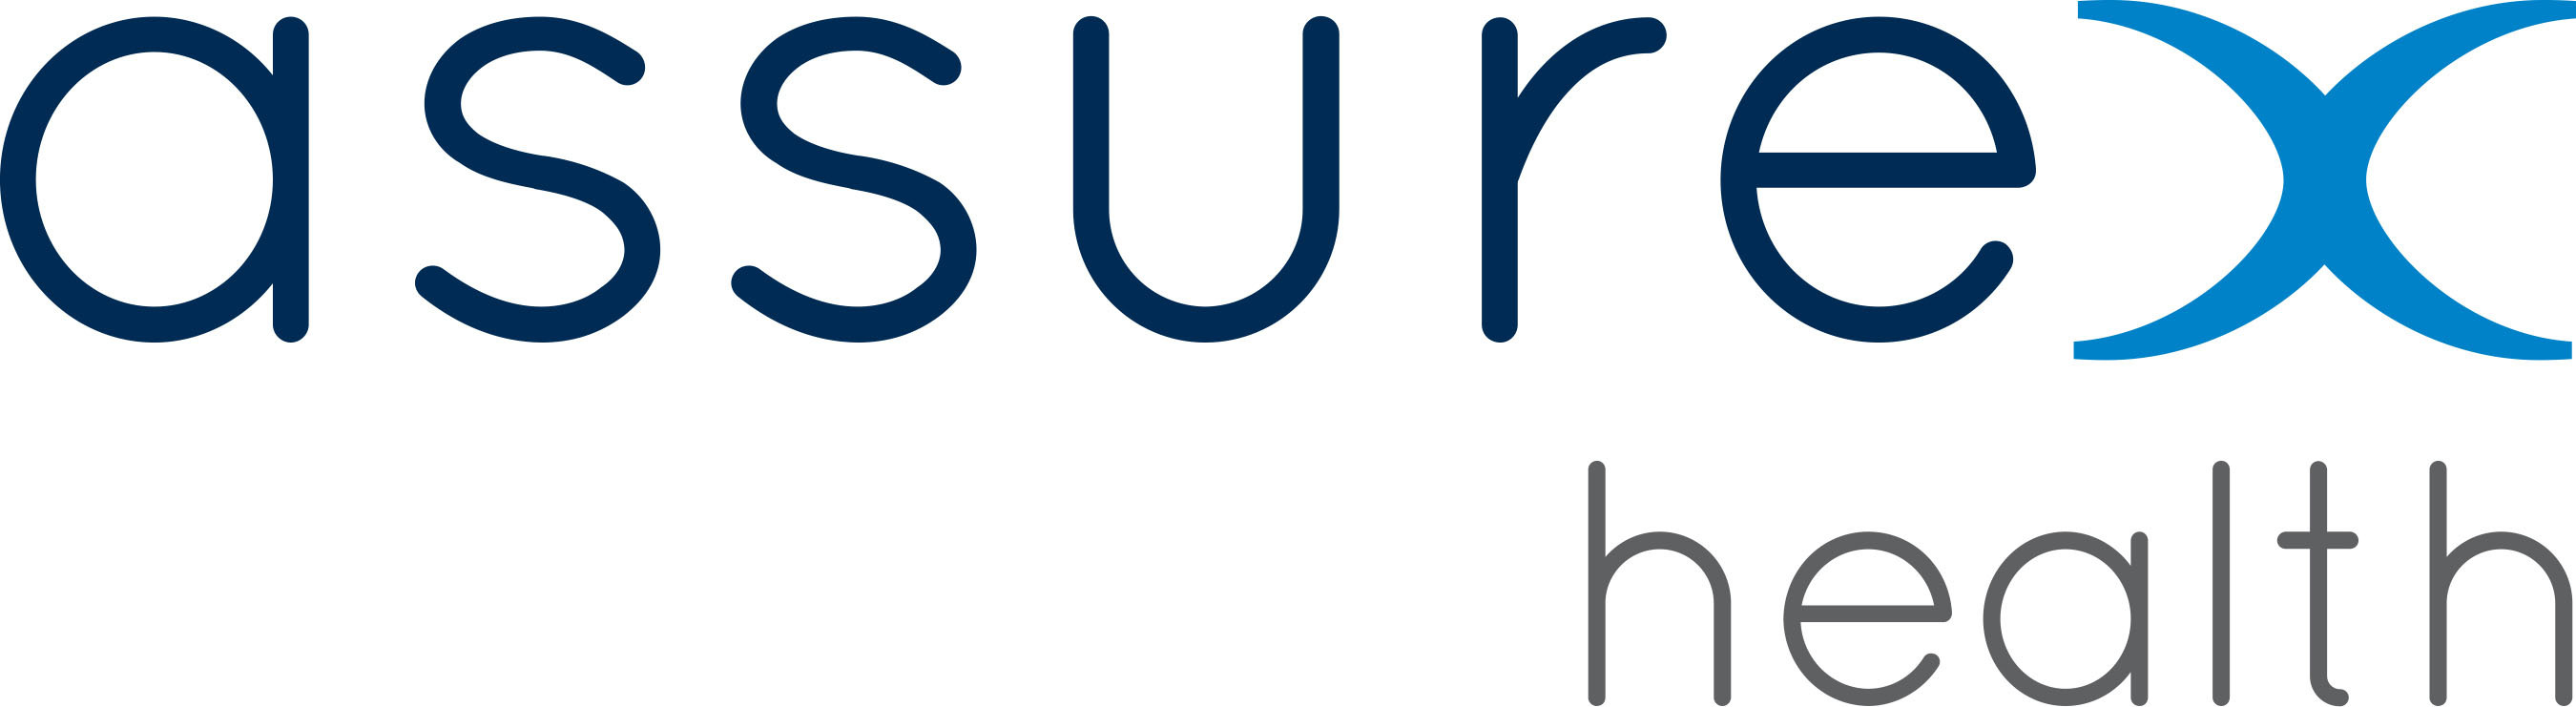 Assurex Health Logo.